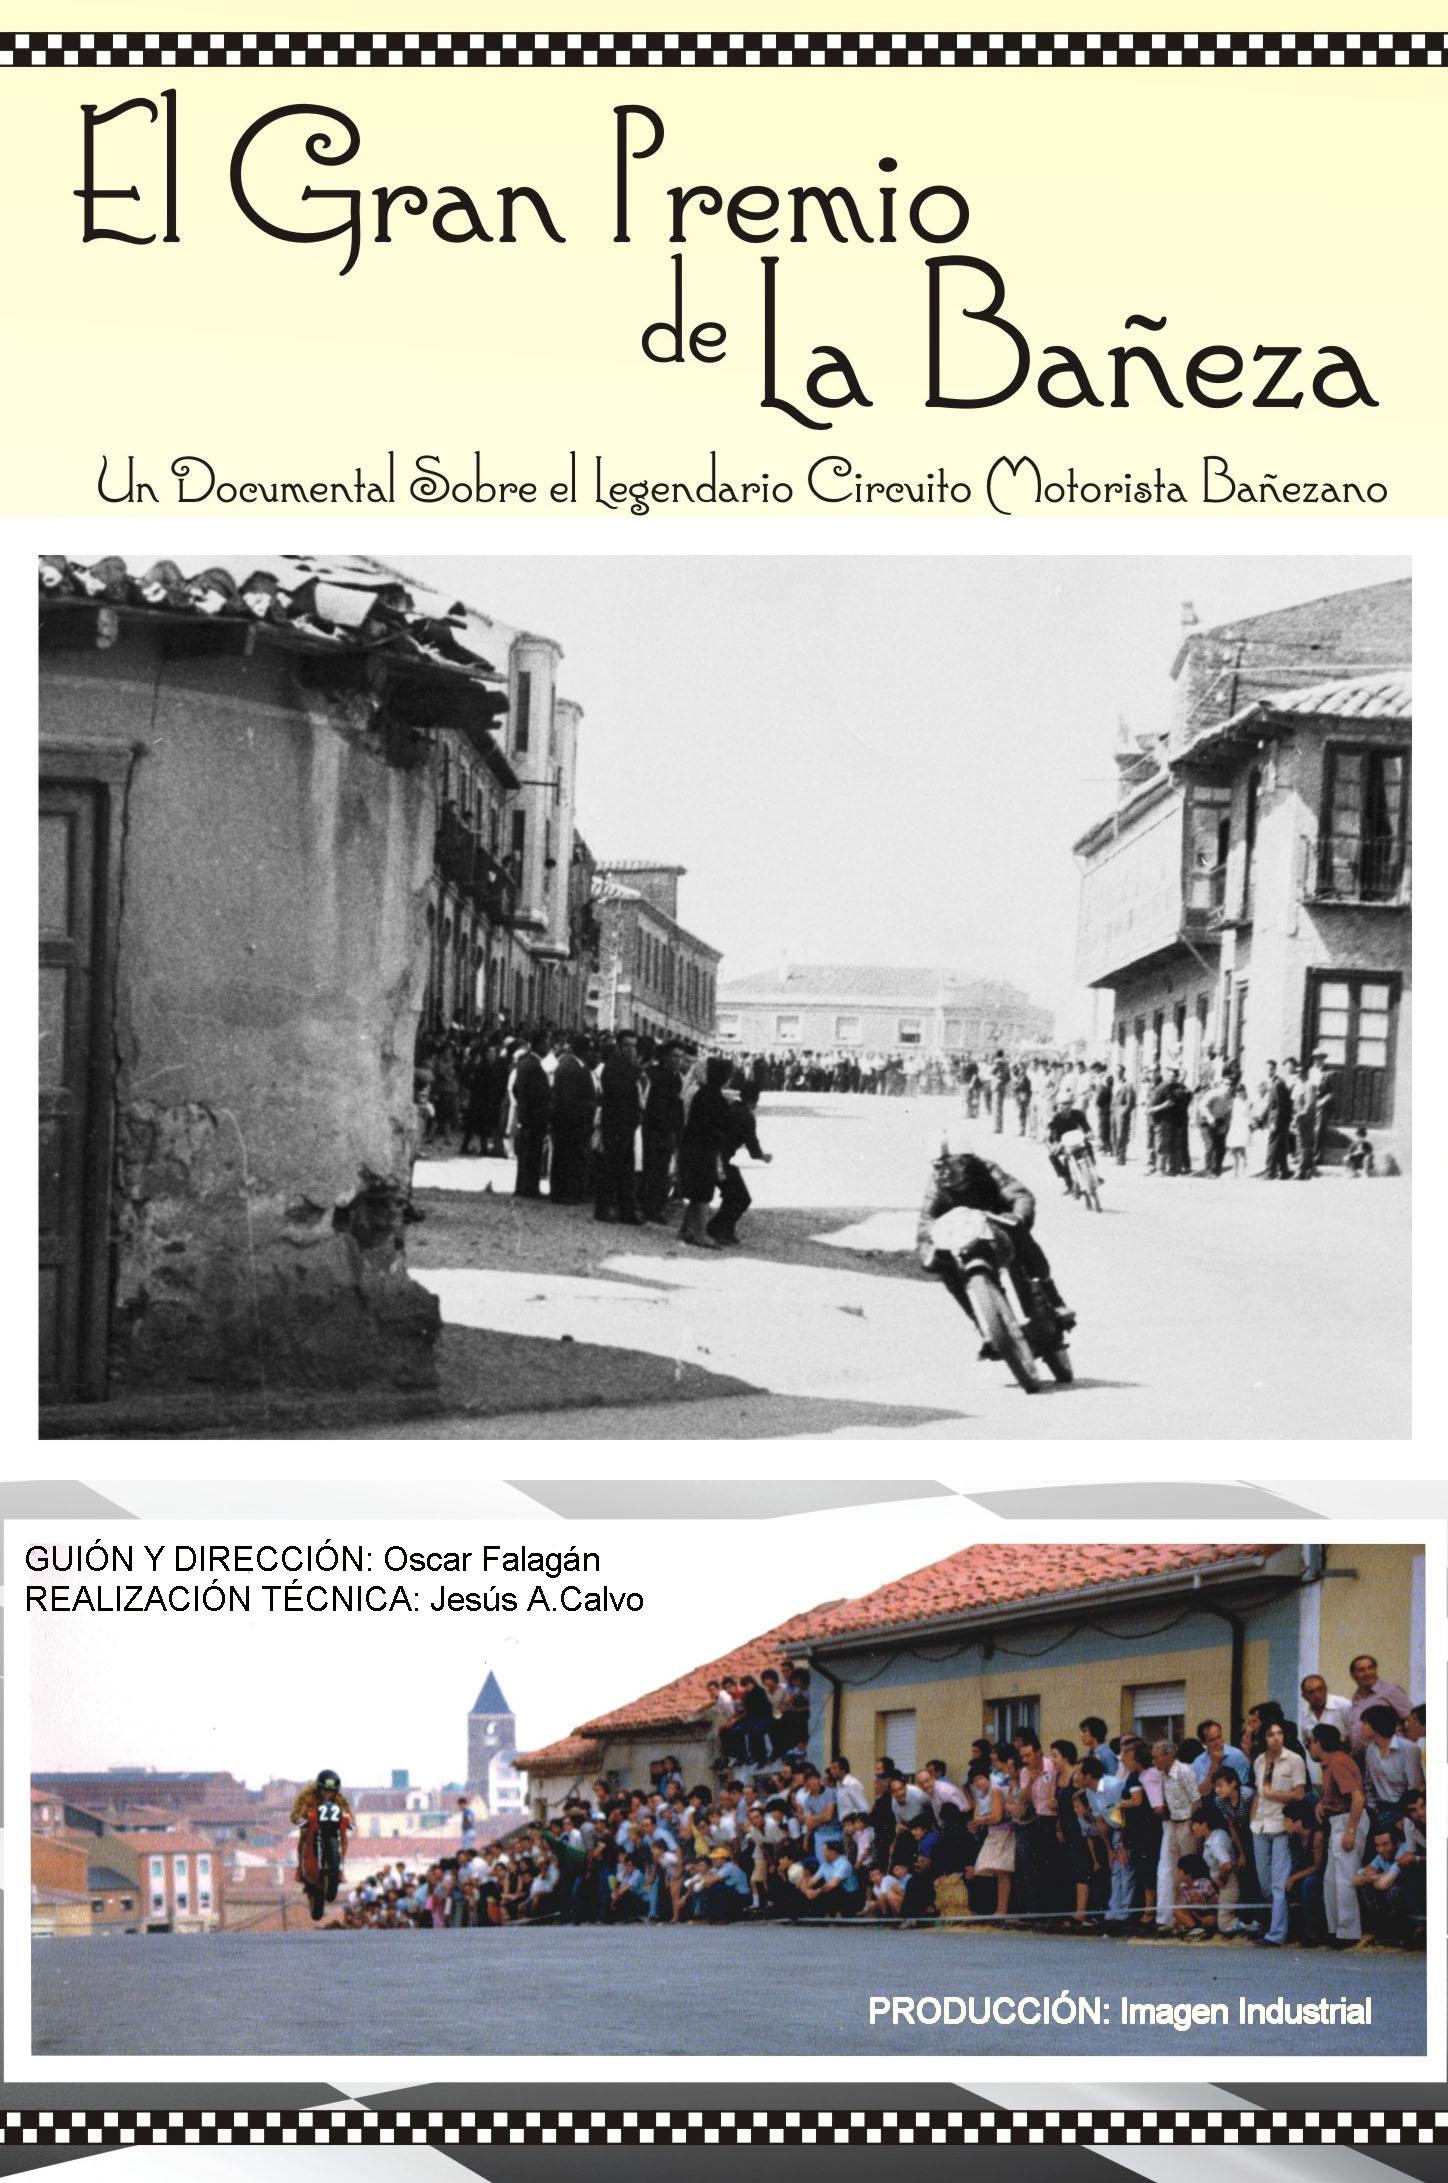 Circuito Urbano La Bañeza : Rugen motores en la bañeza en honor a nieto deportes diario de